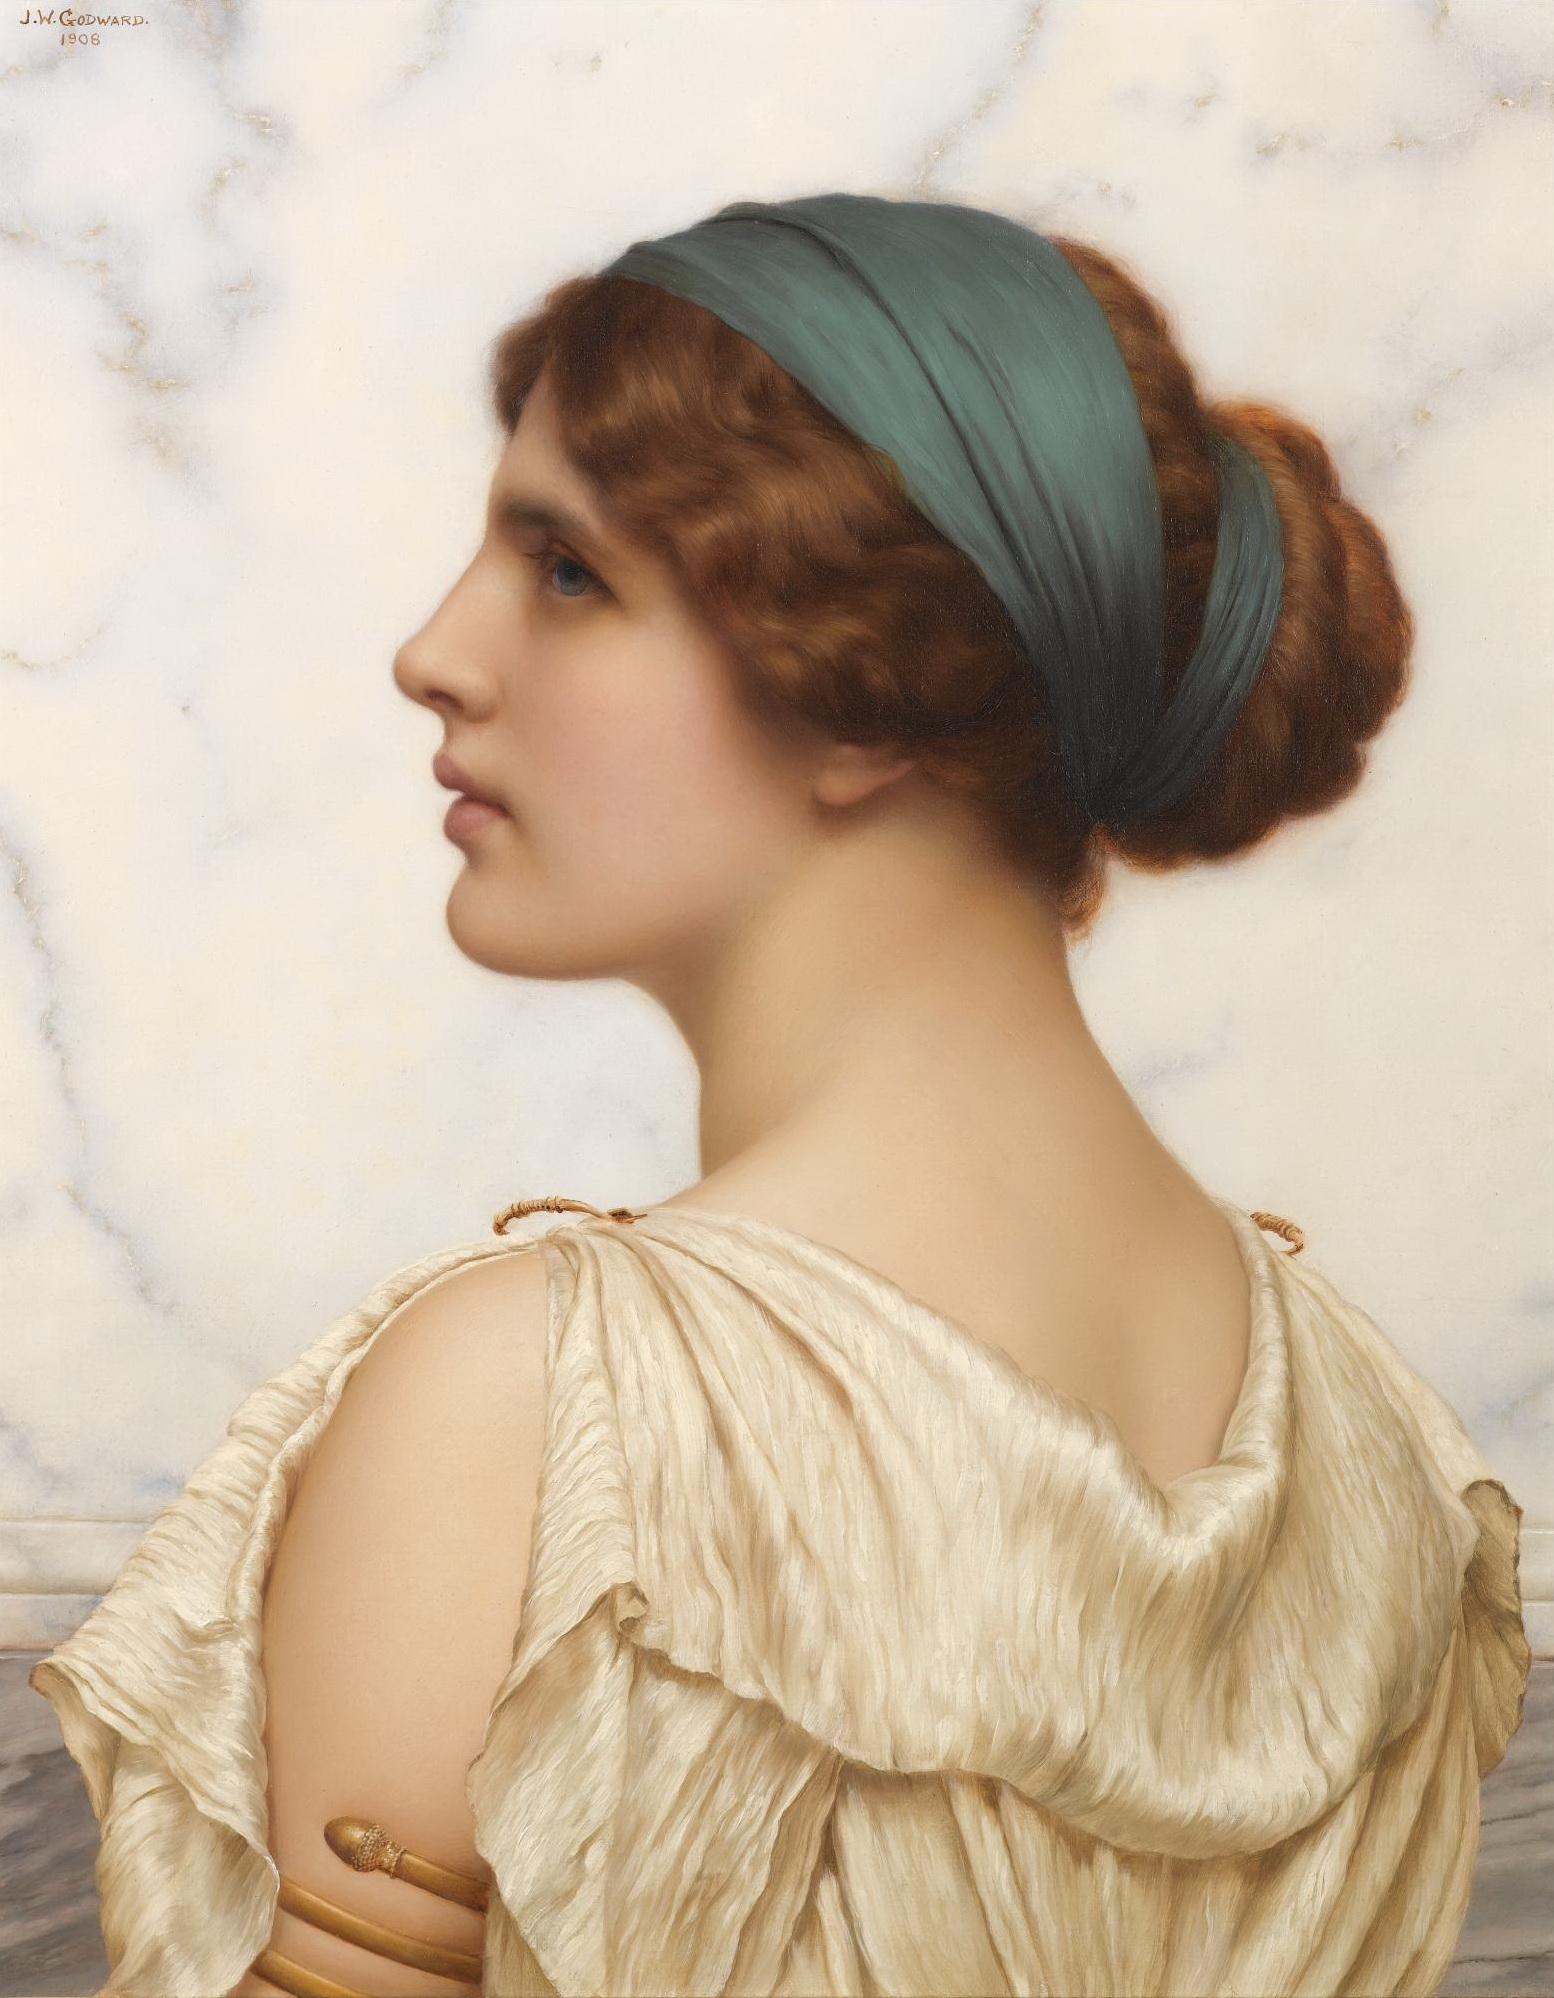 1908_Аталанта (быстроногая красавица, убивавшая копьём более медлительных в беге женихов) (50.8 х 40.6 см) (ч.с.)